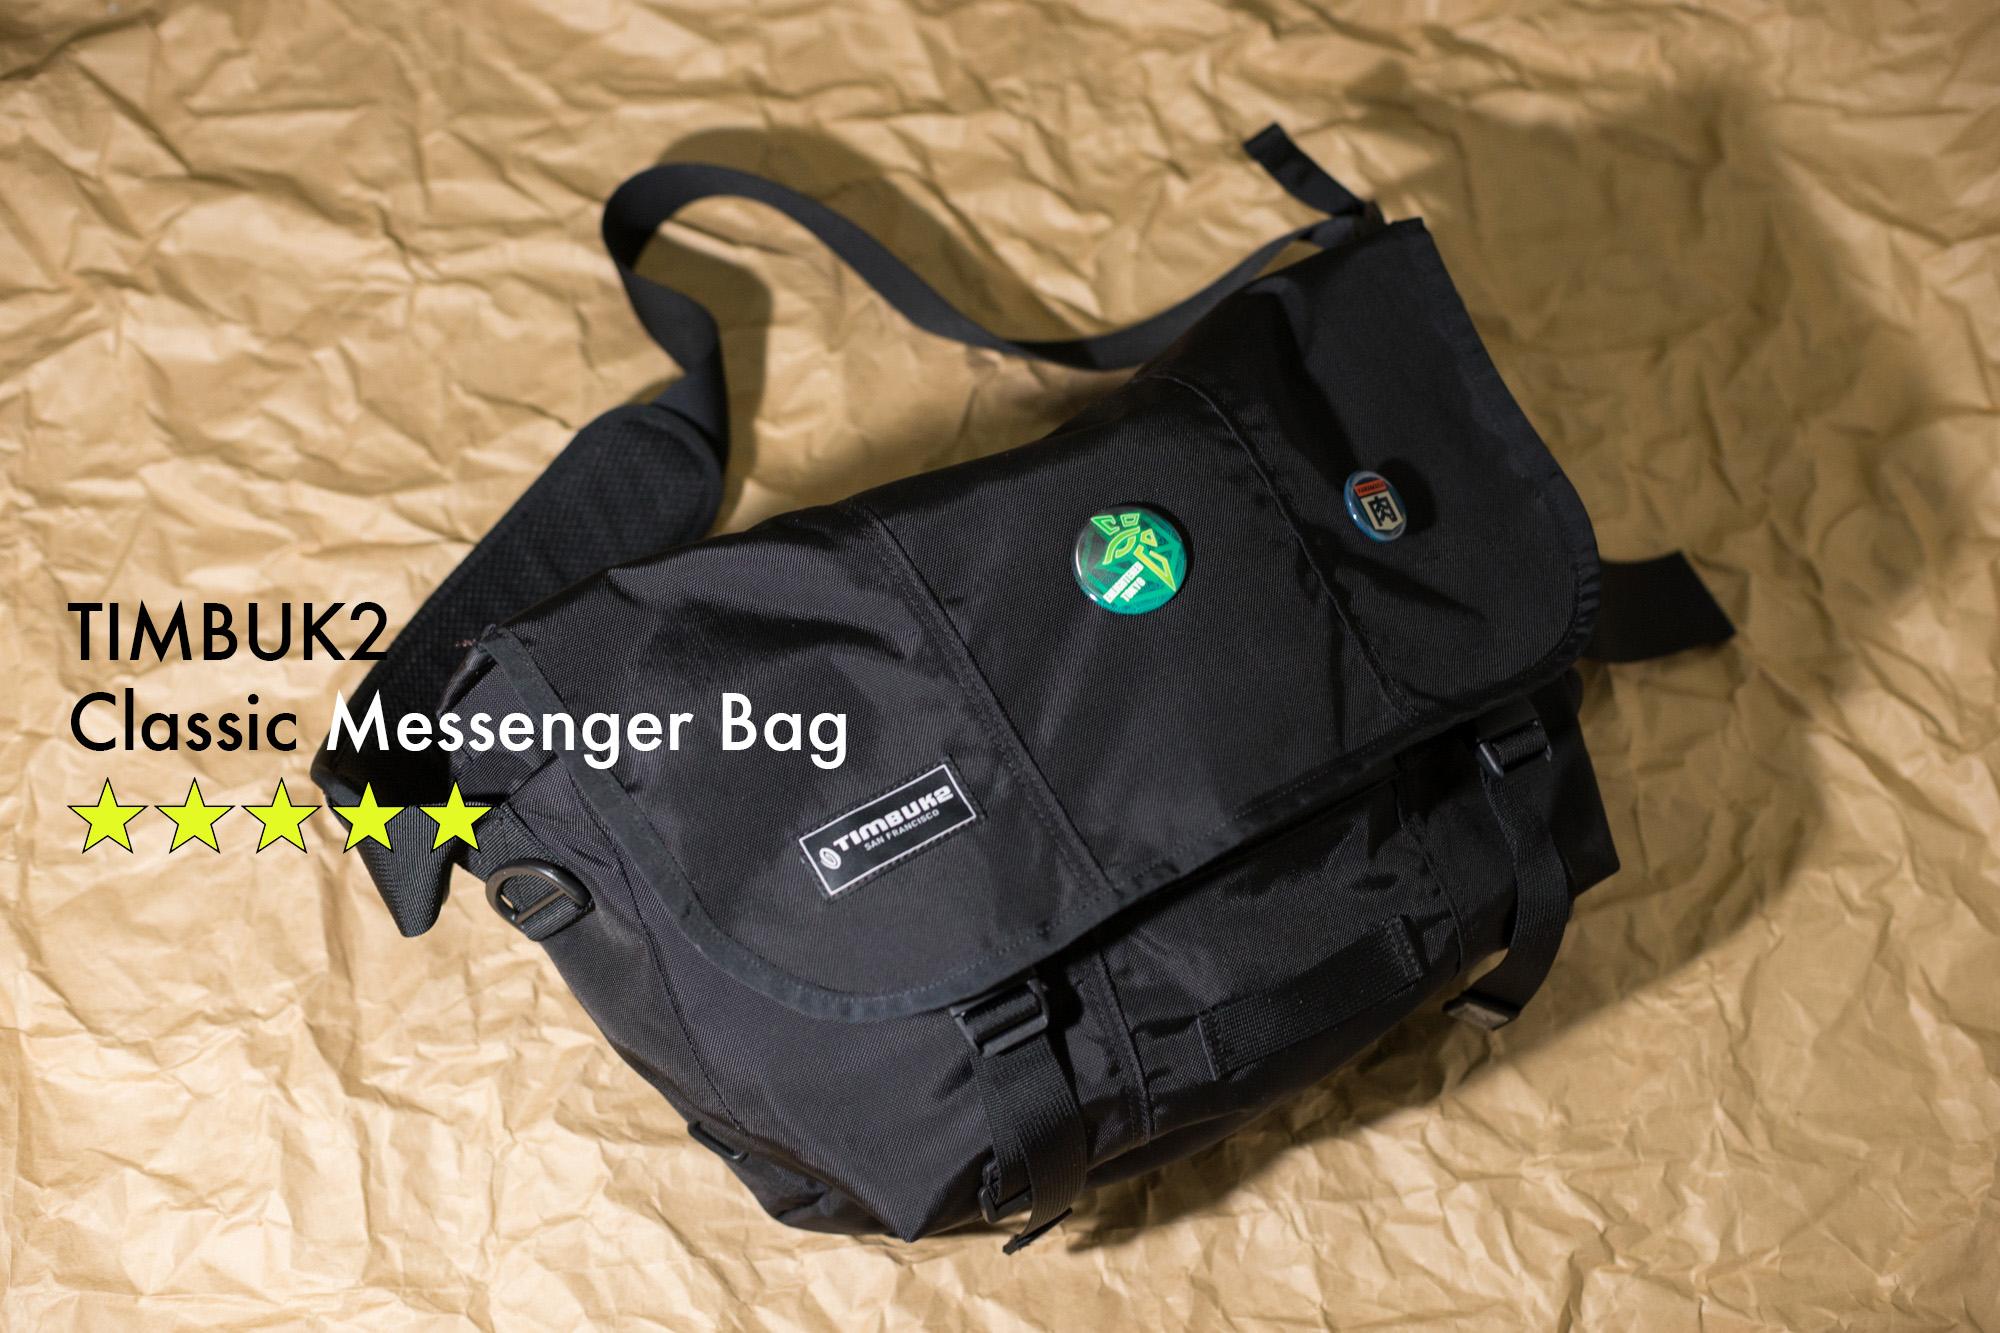 Daftar Harga Timbuk2 Classic Messenger S Bag Army Update 2018 Abu Baik